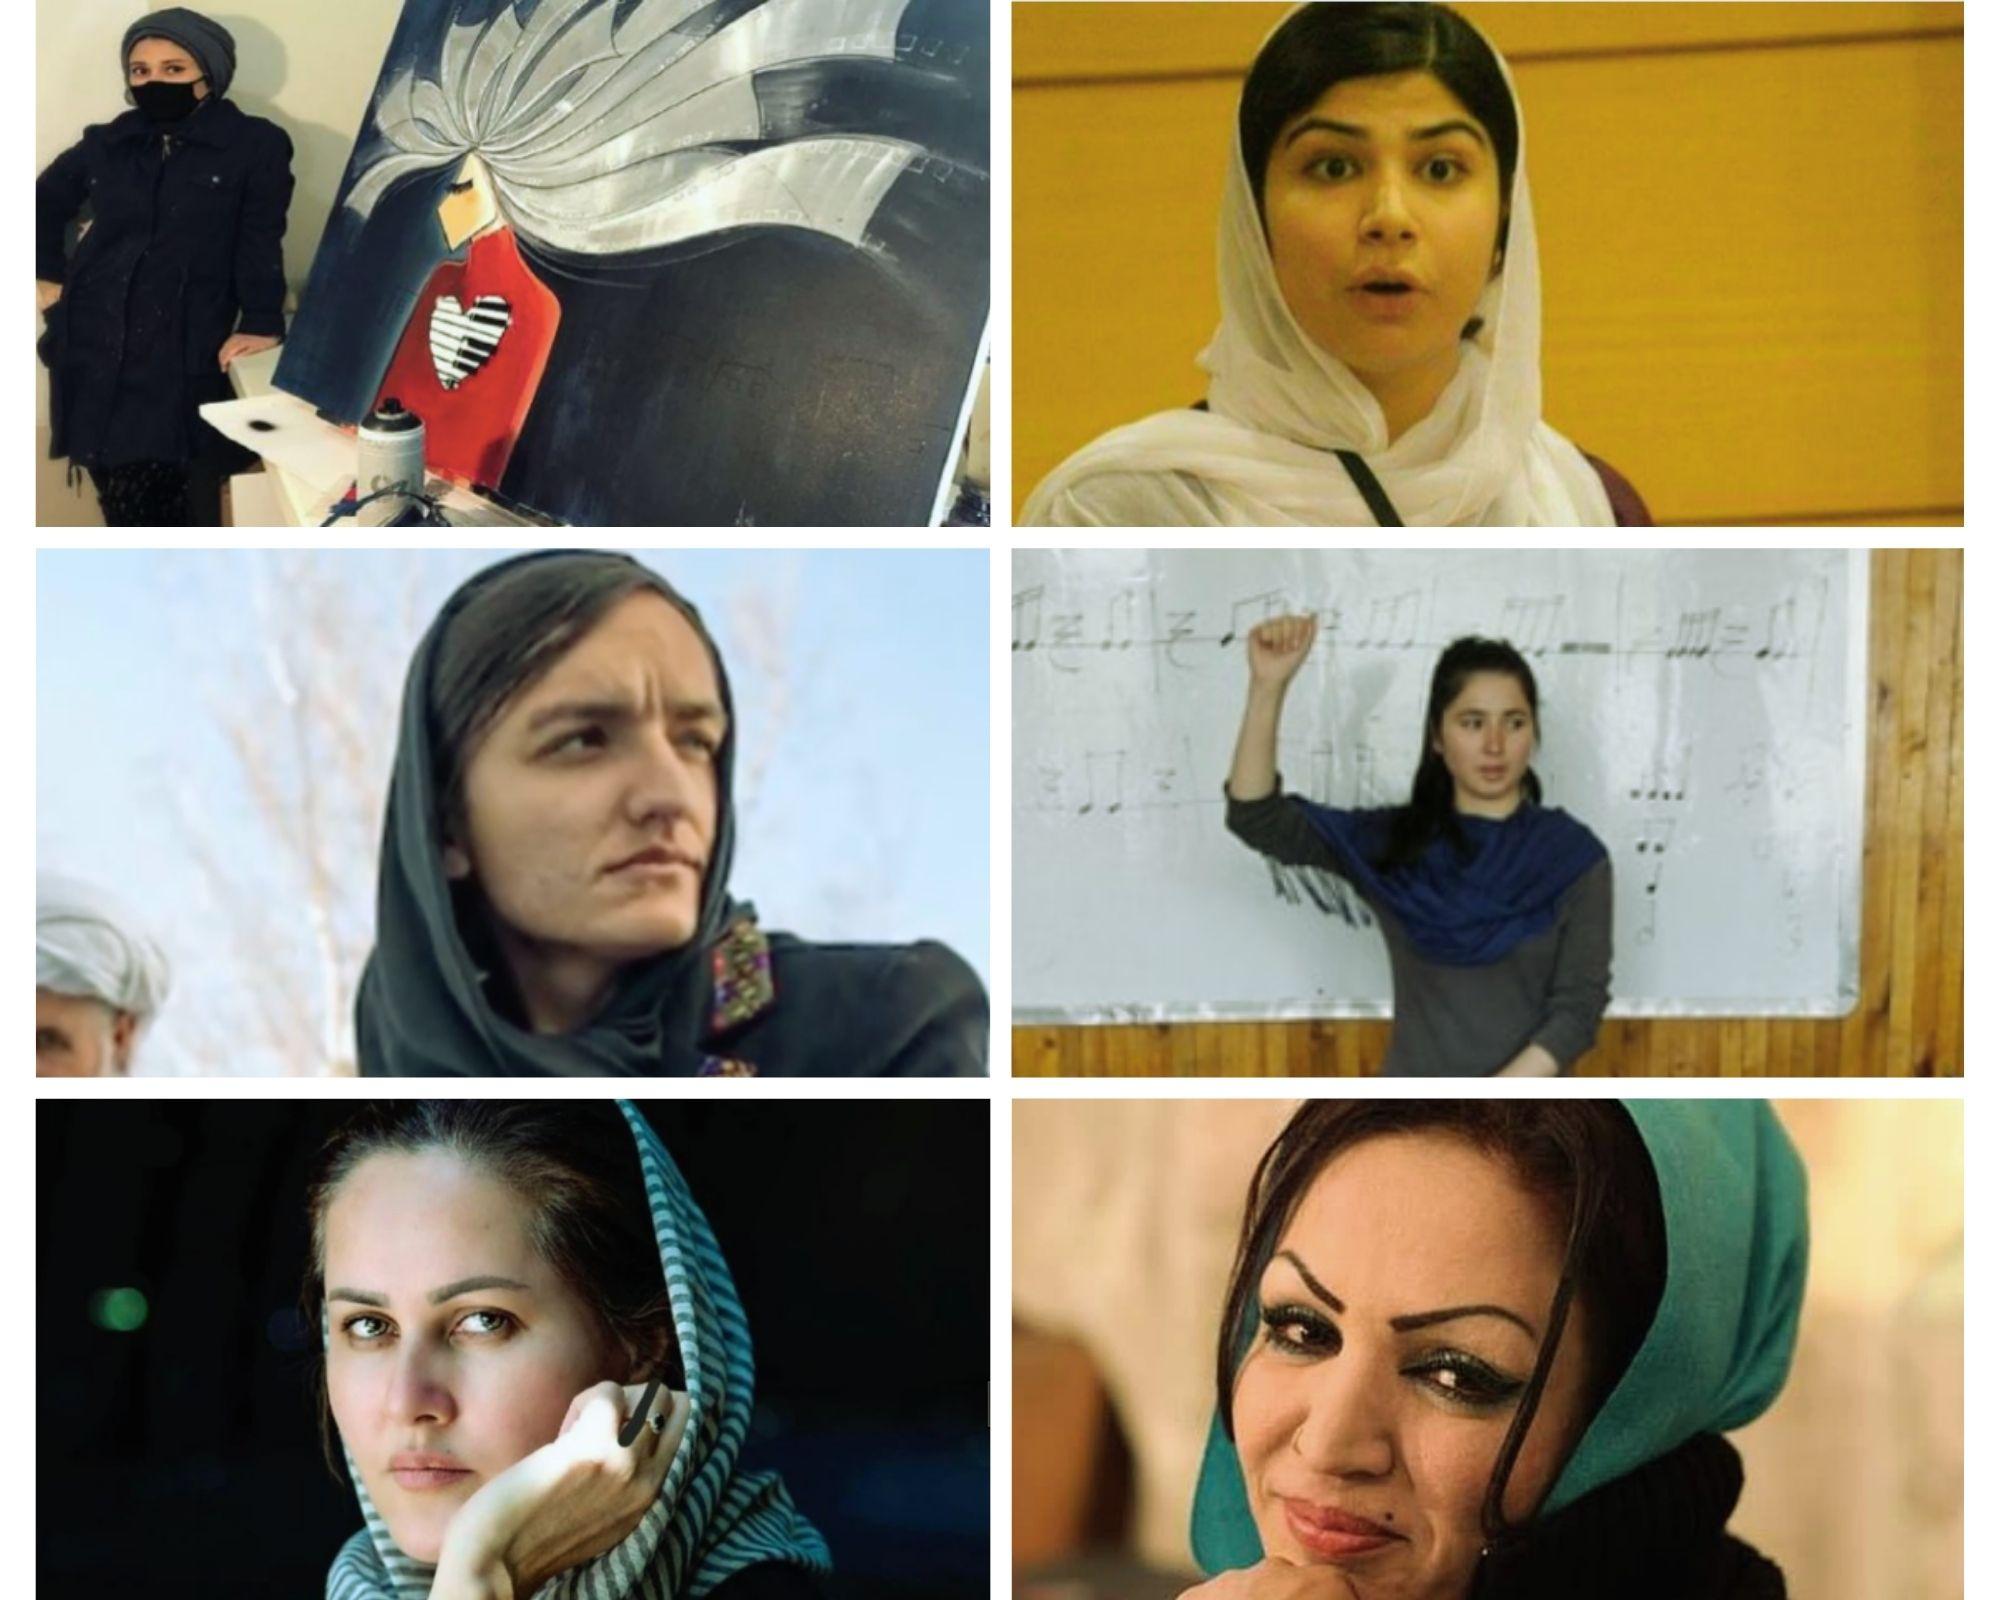 पितृसत्तात्मक समाज को चुनौती दे रही हैं अफ़ग़ानिस्तान की ये महिलाएं